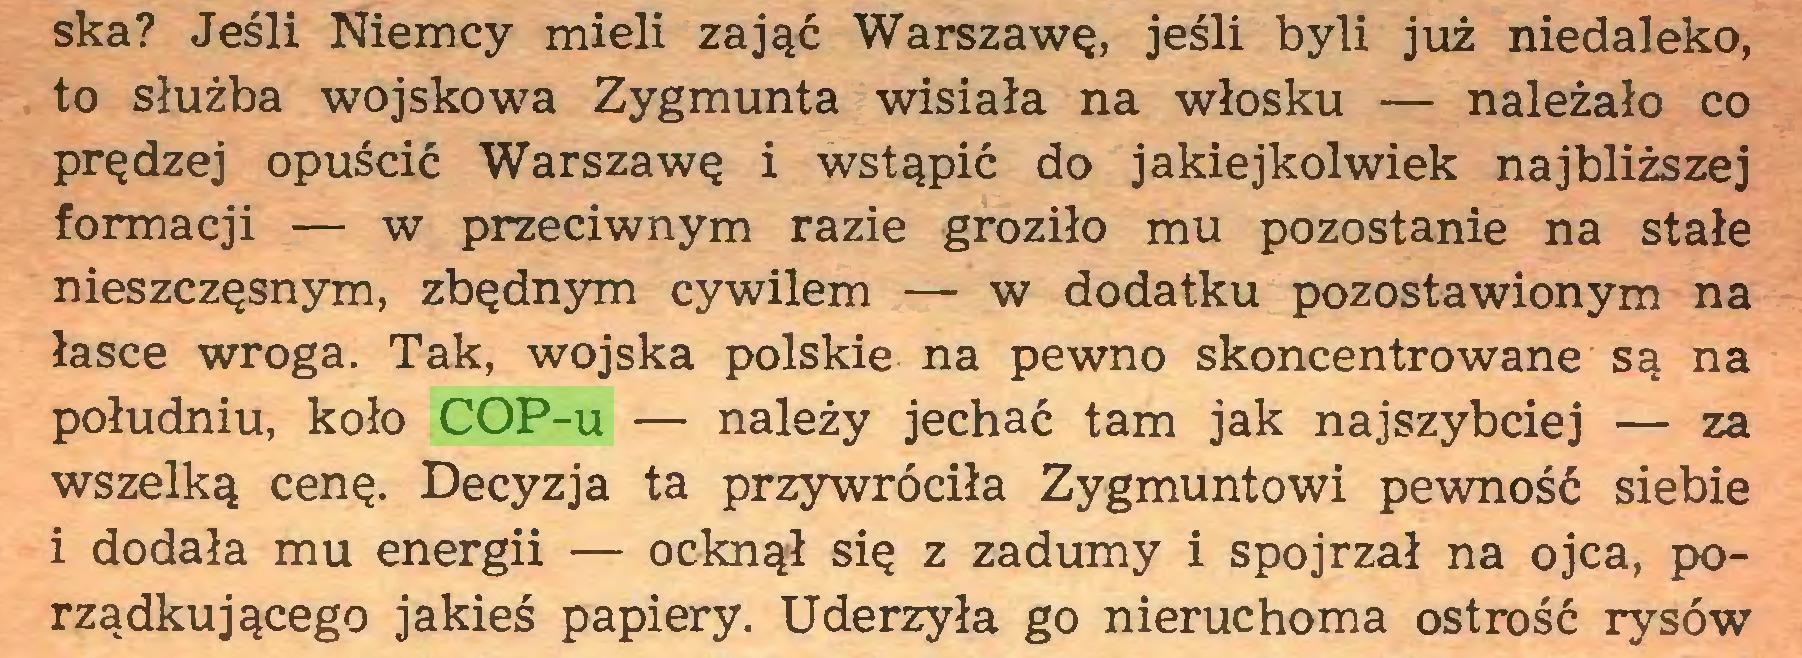 (...) ska? Jeśli Niemcy mieli zająć Warszawę, jeśli byli już niedaleko, to służba wojskowa Zygmunta wisiała na włosku — należało co prędzej opuścić Warszawę i wstąpić do jakiejkolwiek najbliższej formacji — w przeciwnym razie groziło mu pozostanie na stałe nieszczęsnym, zbędnym cywilem — w dodatku pozostawionym na łasce wroga. Tak, wojska polskie na pewno skoncentrowane są na południu, koło COP-u — należy jechać tam jak najszybciej — za wszelką cenę. Decyzja ta przywróciła Zygmuntowi pewność siebie 1 dodała mu energii — ocknął się z zadumy i spojrzał na ojca, porządkującego jakieś papiery. Uderzyła go nieruchoma ostrość rysów...